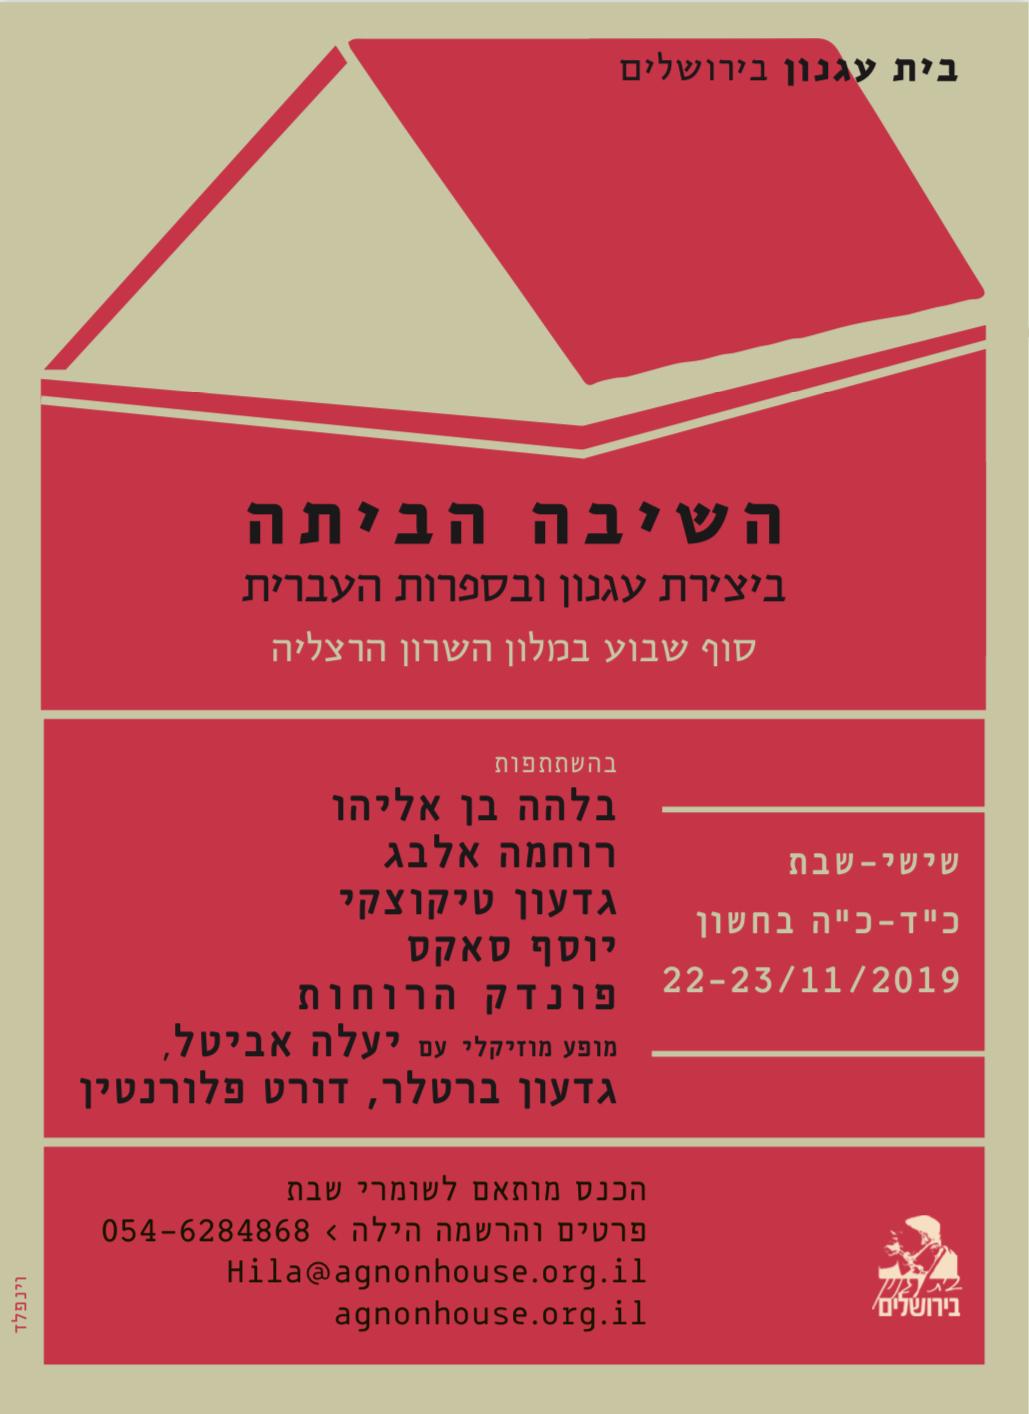 השיבה הביתה ביצירת עגנון ובספרות העברית